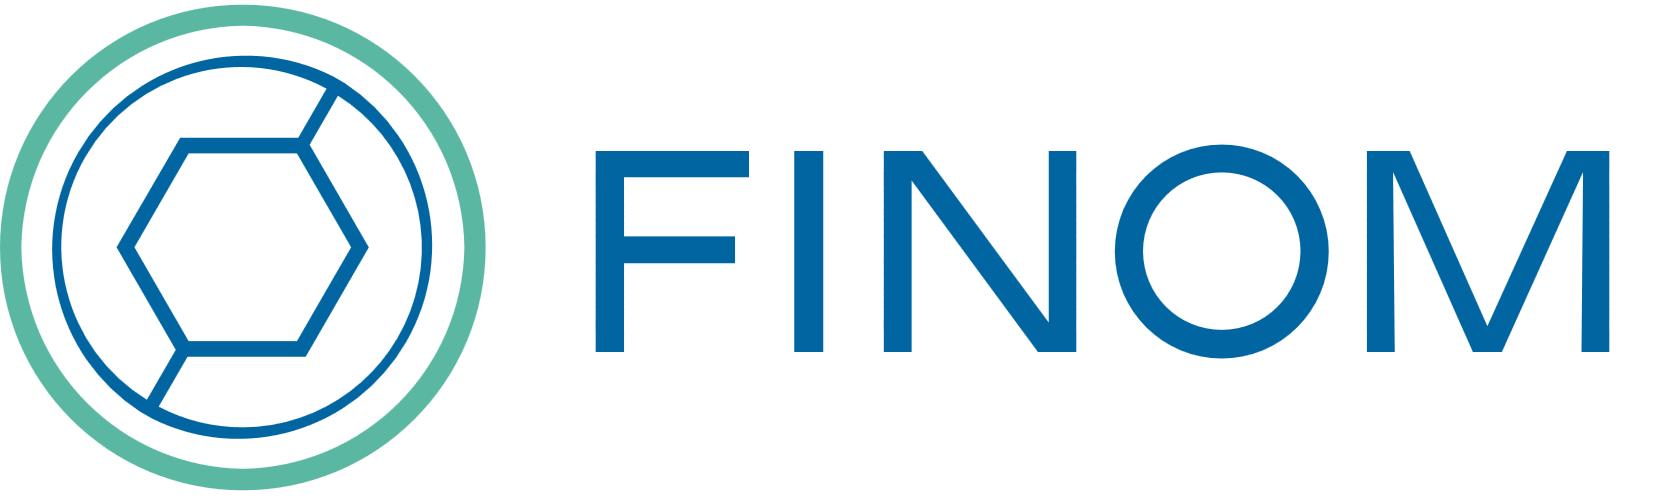 FINOM Investimentos, Nova Moeda Virtual que promete Grande Crescimento e Valorização Rapidamente!